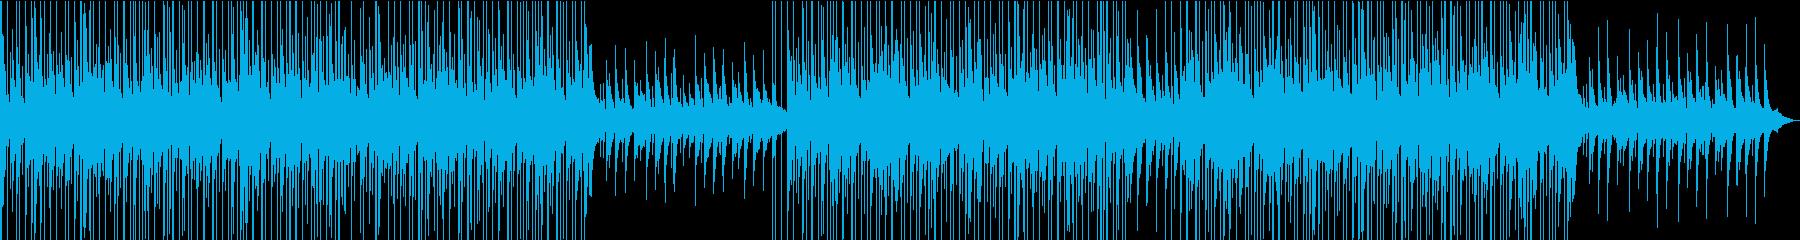 おしゃれなチルピアノの再生済みの波形